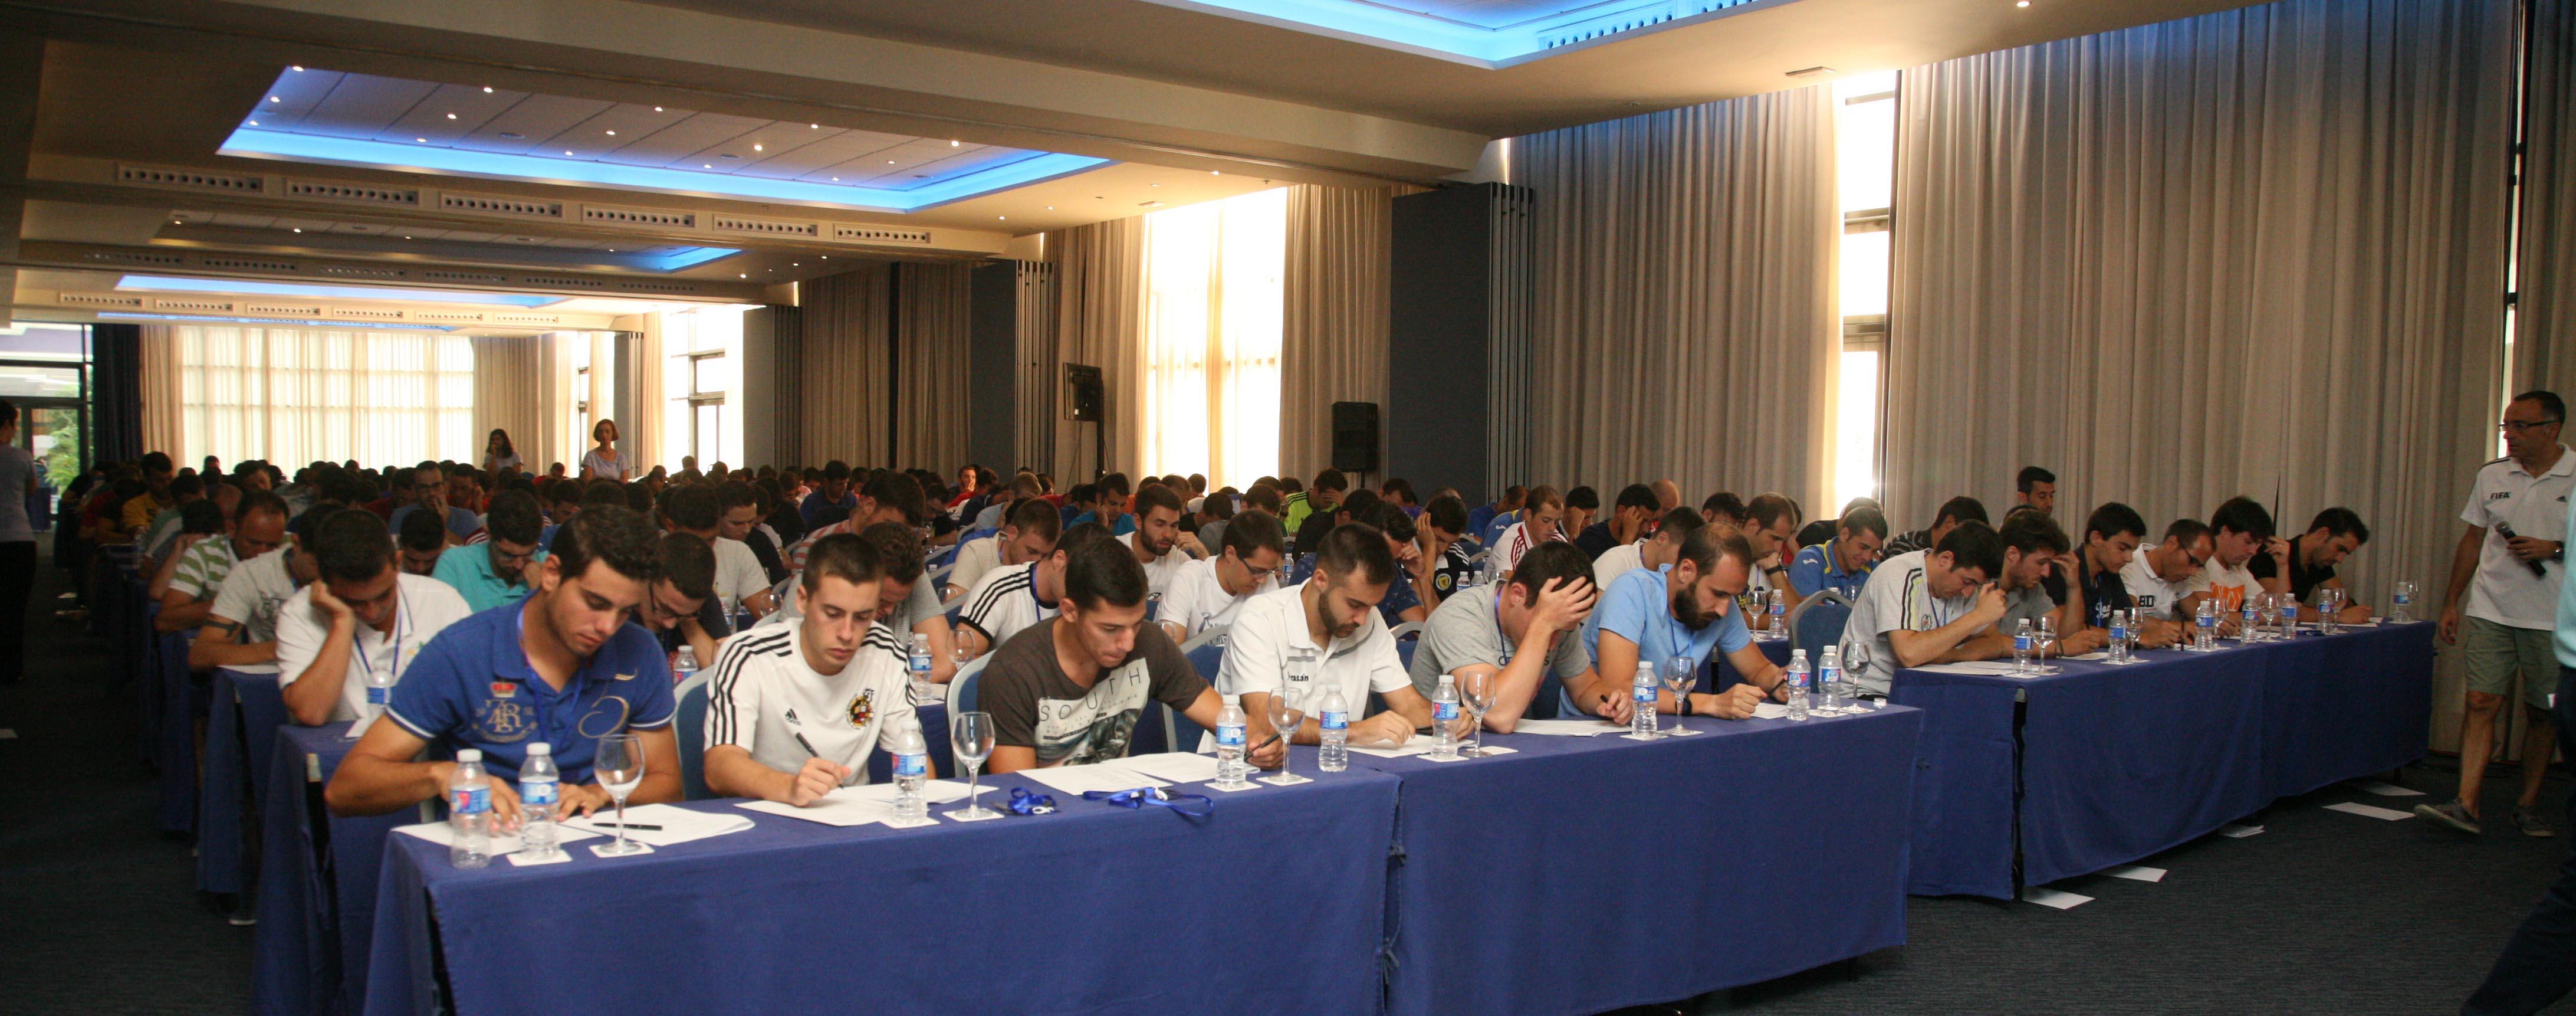 Exámenes convención Agosto 2015